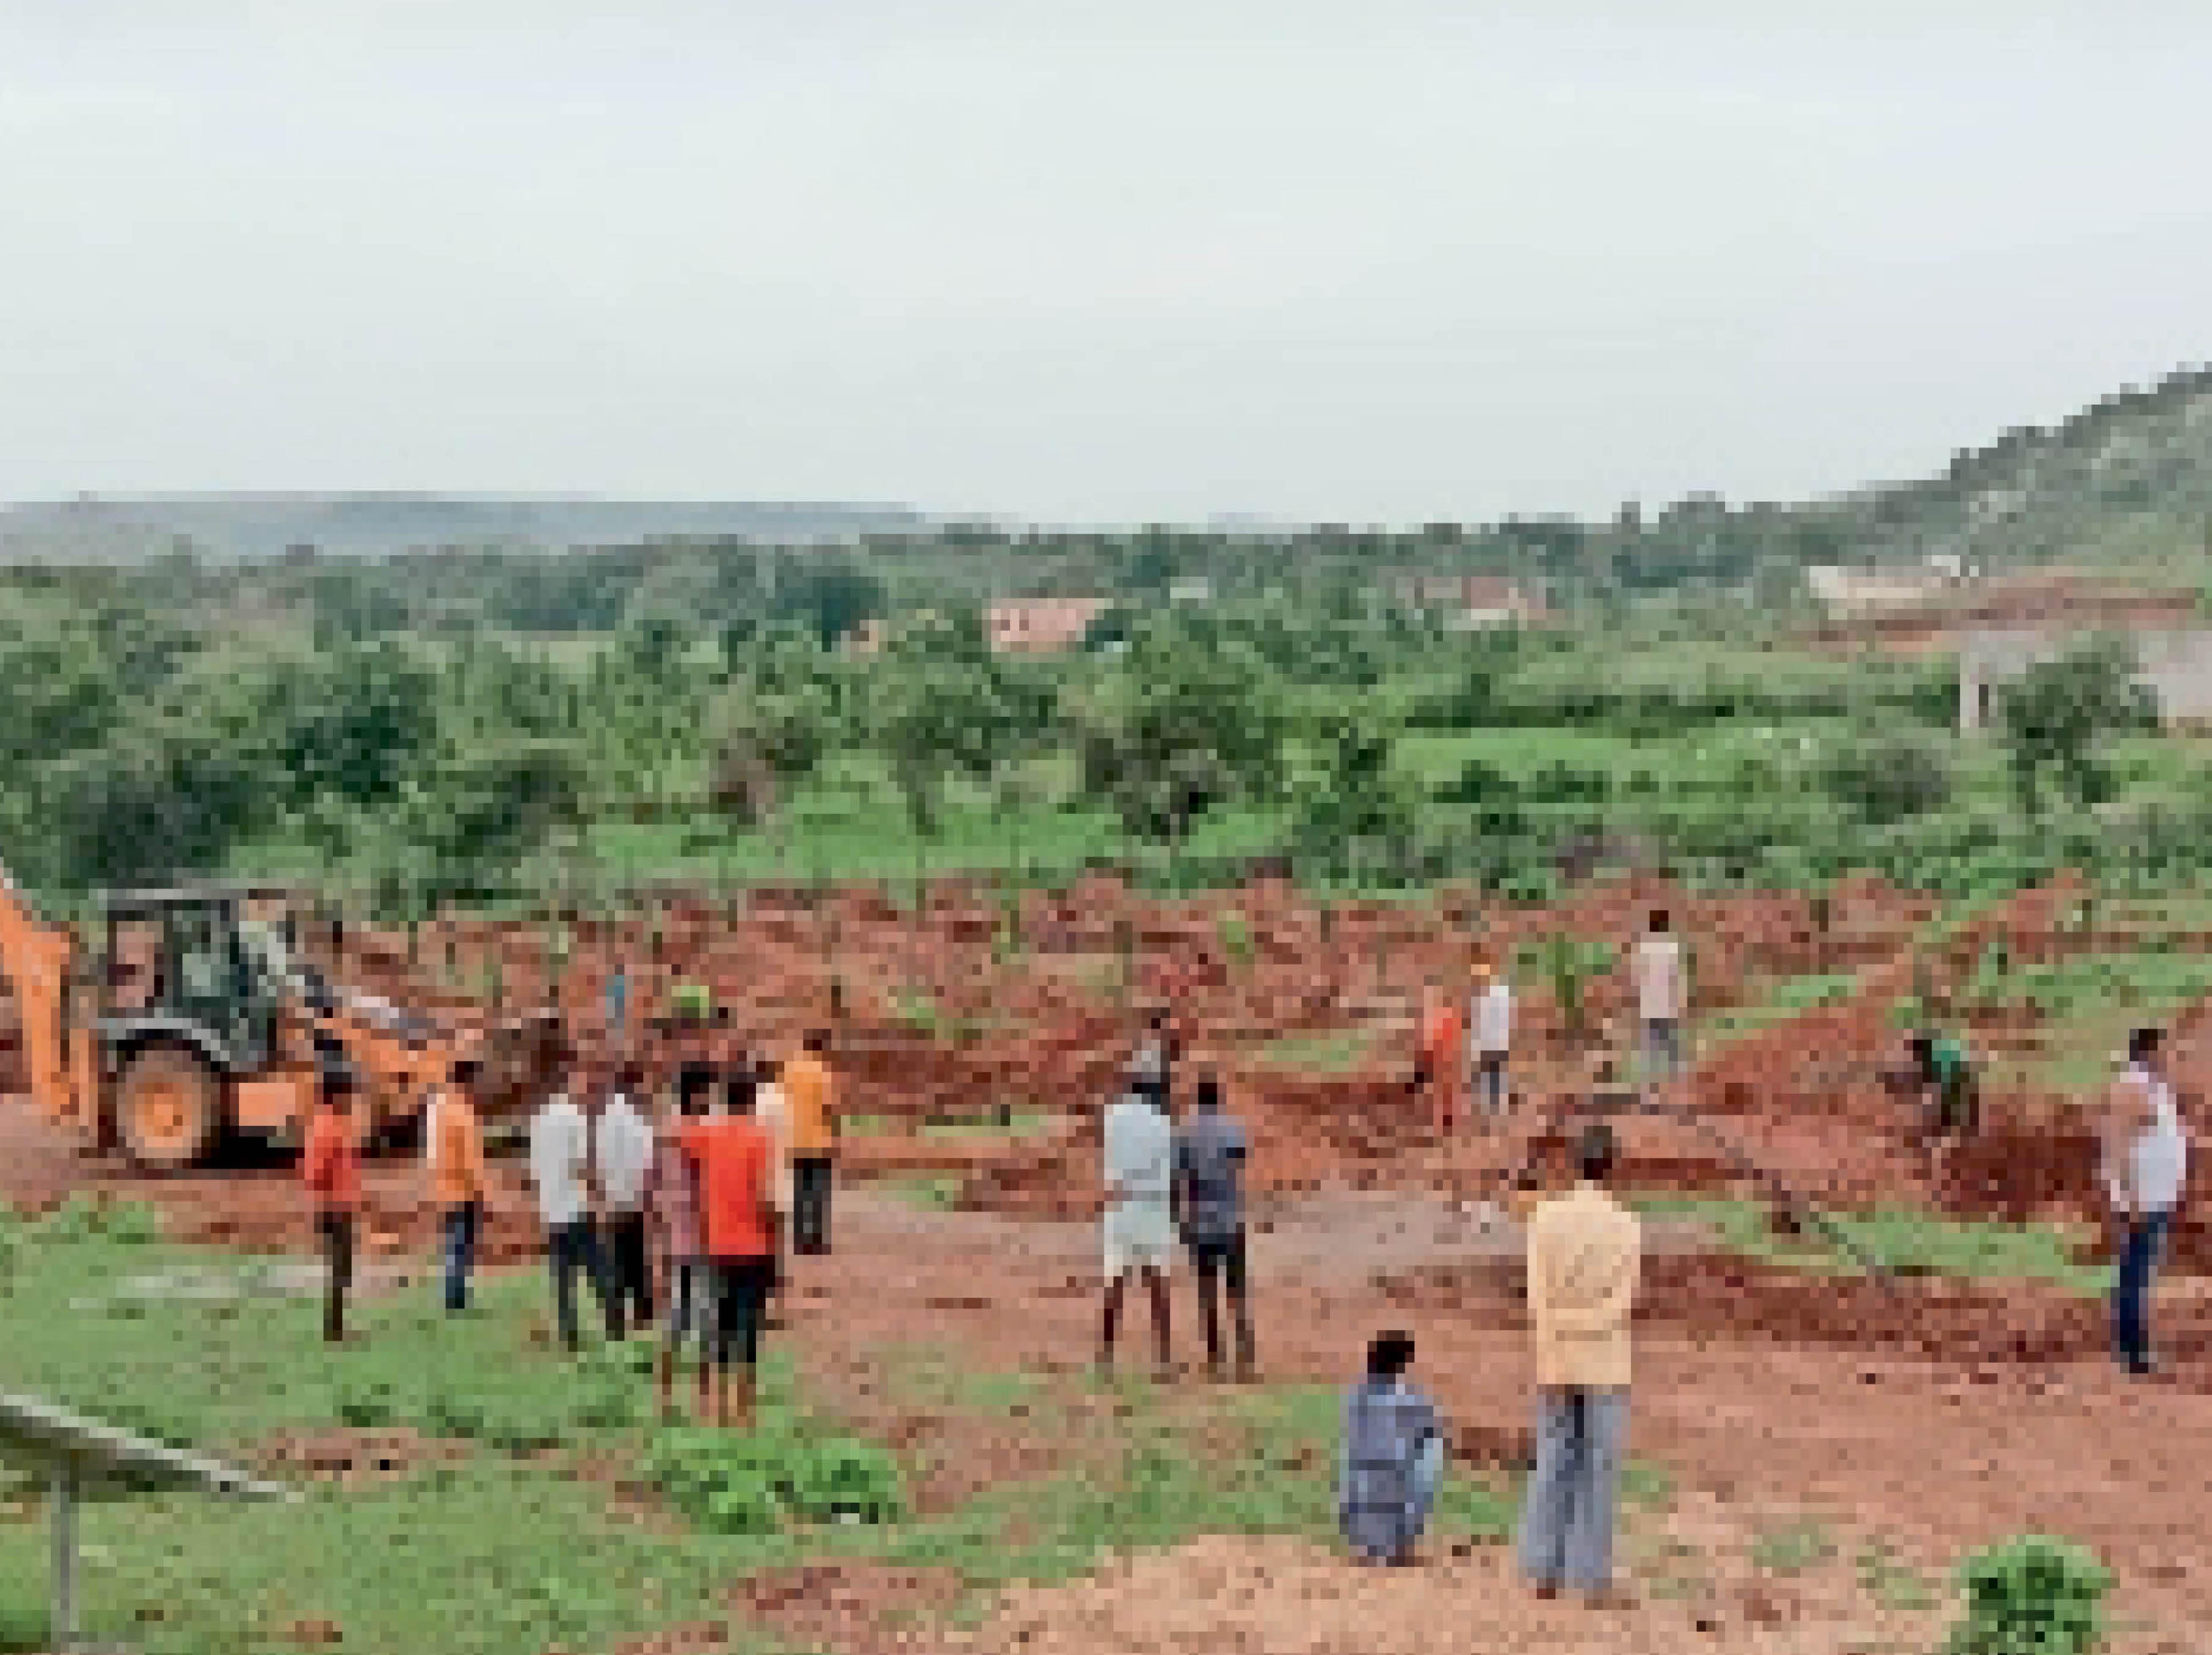 कन्नौज। पंचायत क्षेत्र में माताजी के पहाड़ी क्षेत्र में 70 बीघा जमीन पर तैयार हो रहा पंचफच उद्यान। - Dainik Bhaskar